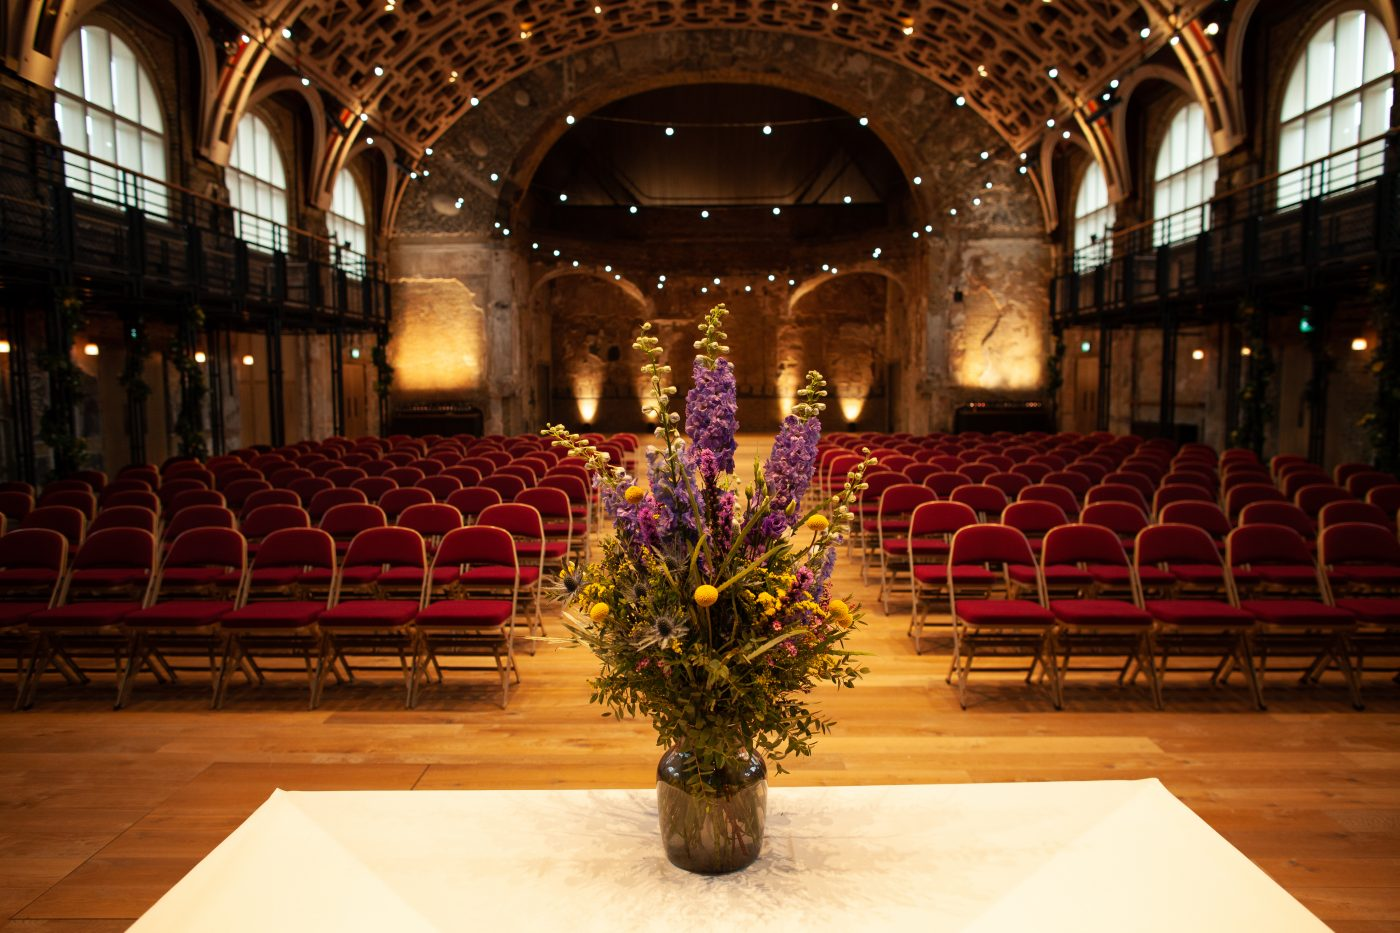 Battersea Arts Centre Wedding Venue